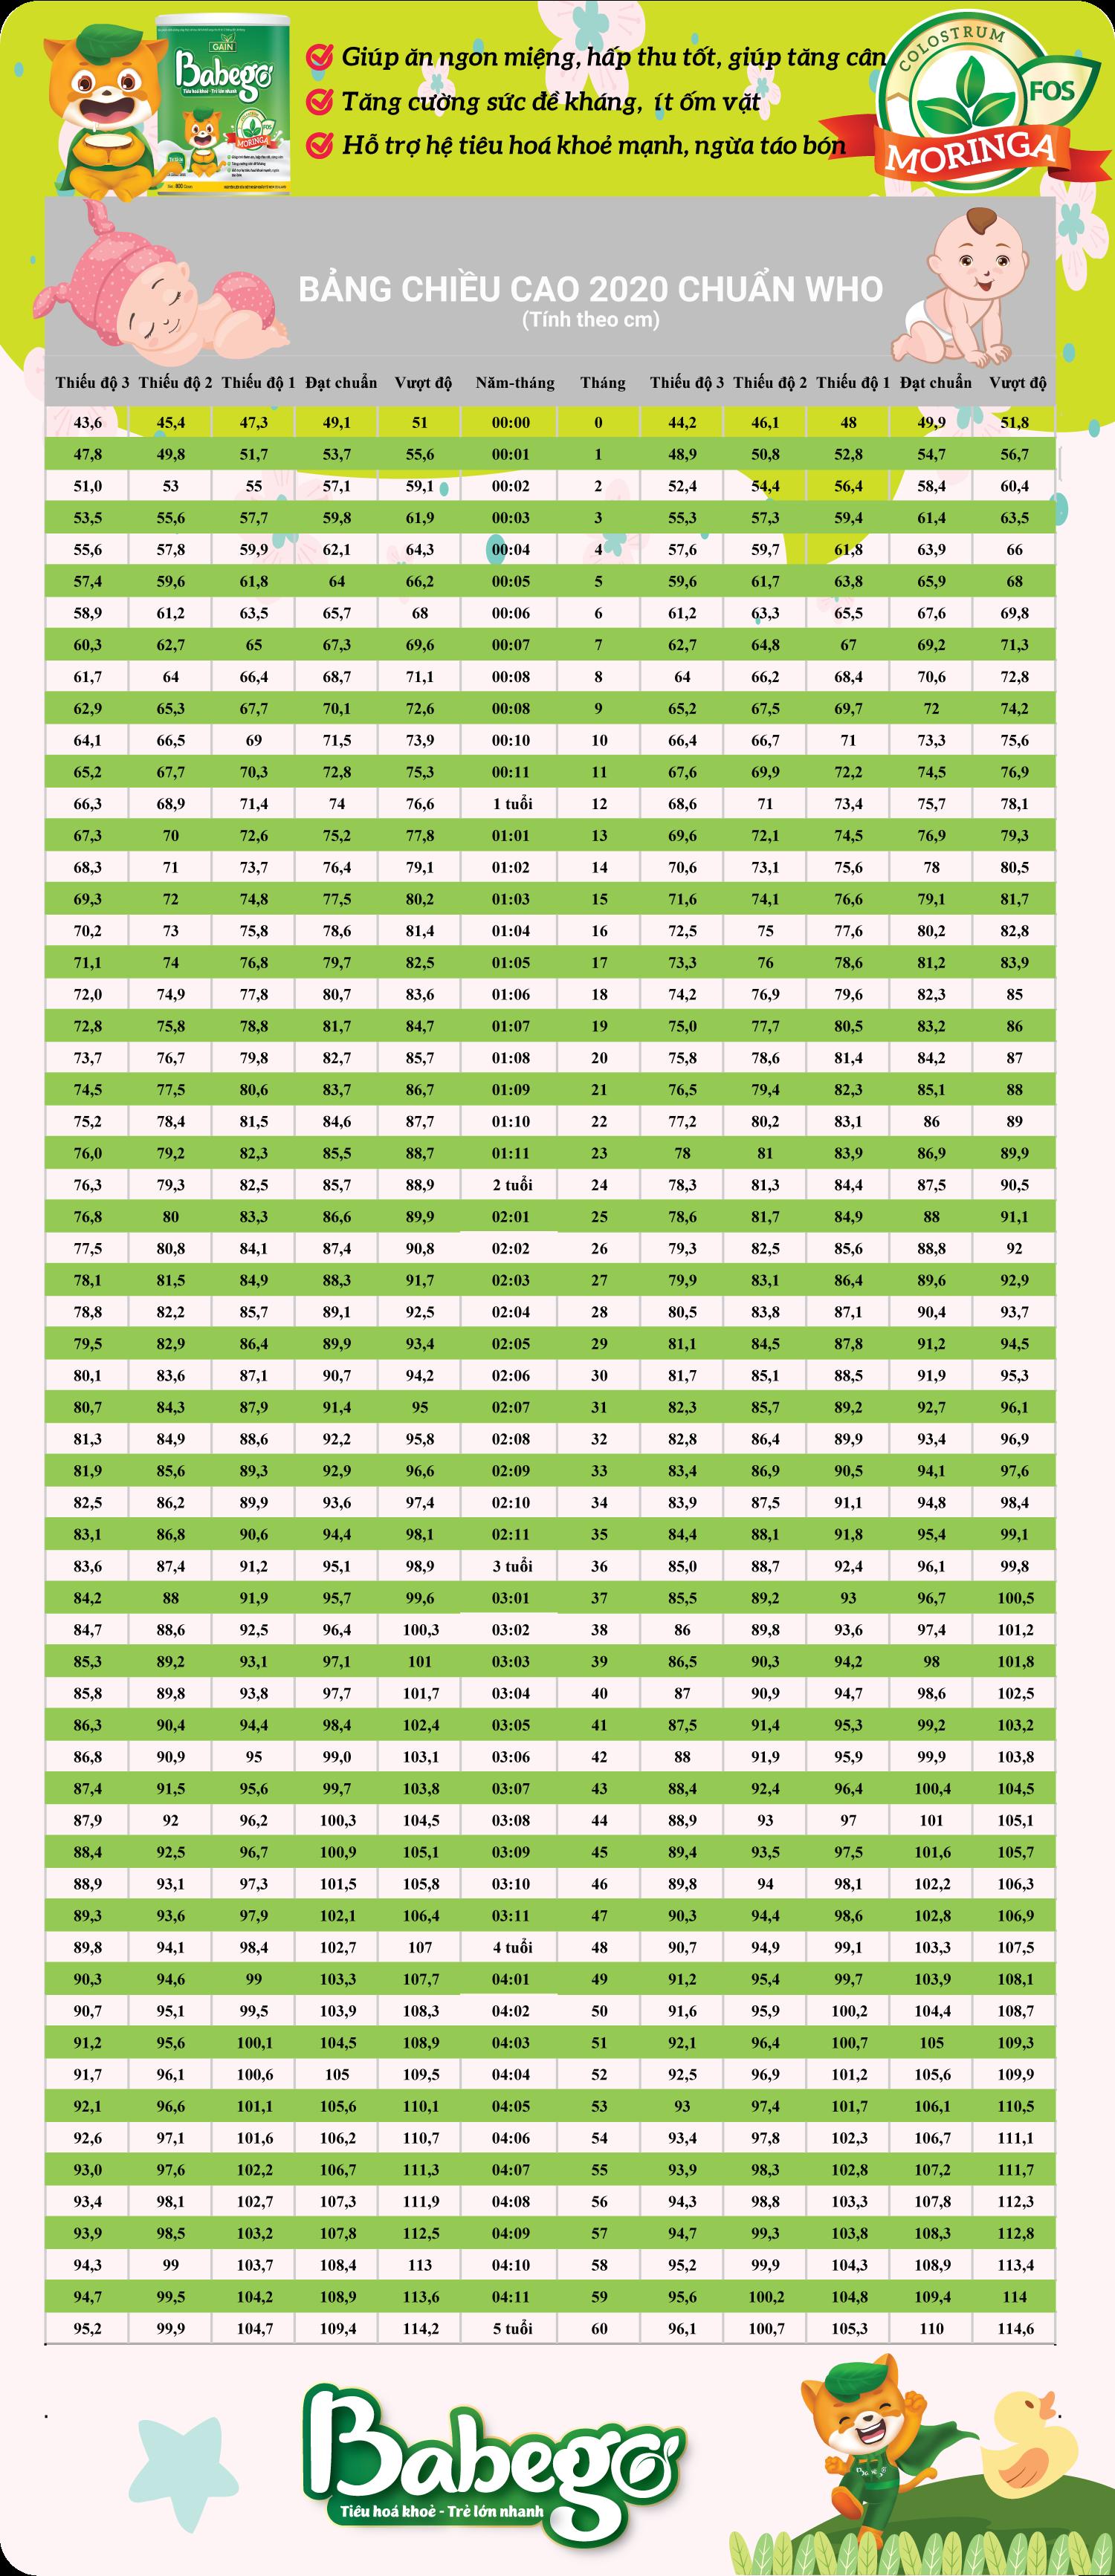 Bảng chiều cao cho bé chuẩn WHO từ 0-5 tuổi 2020